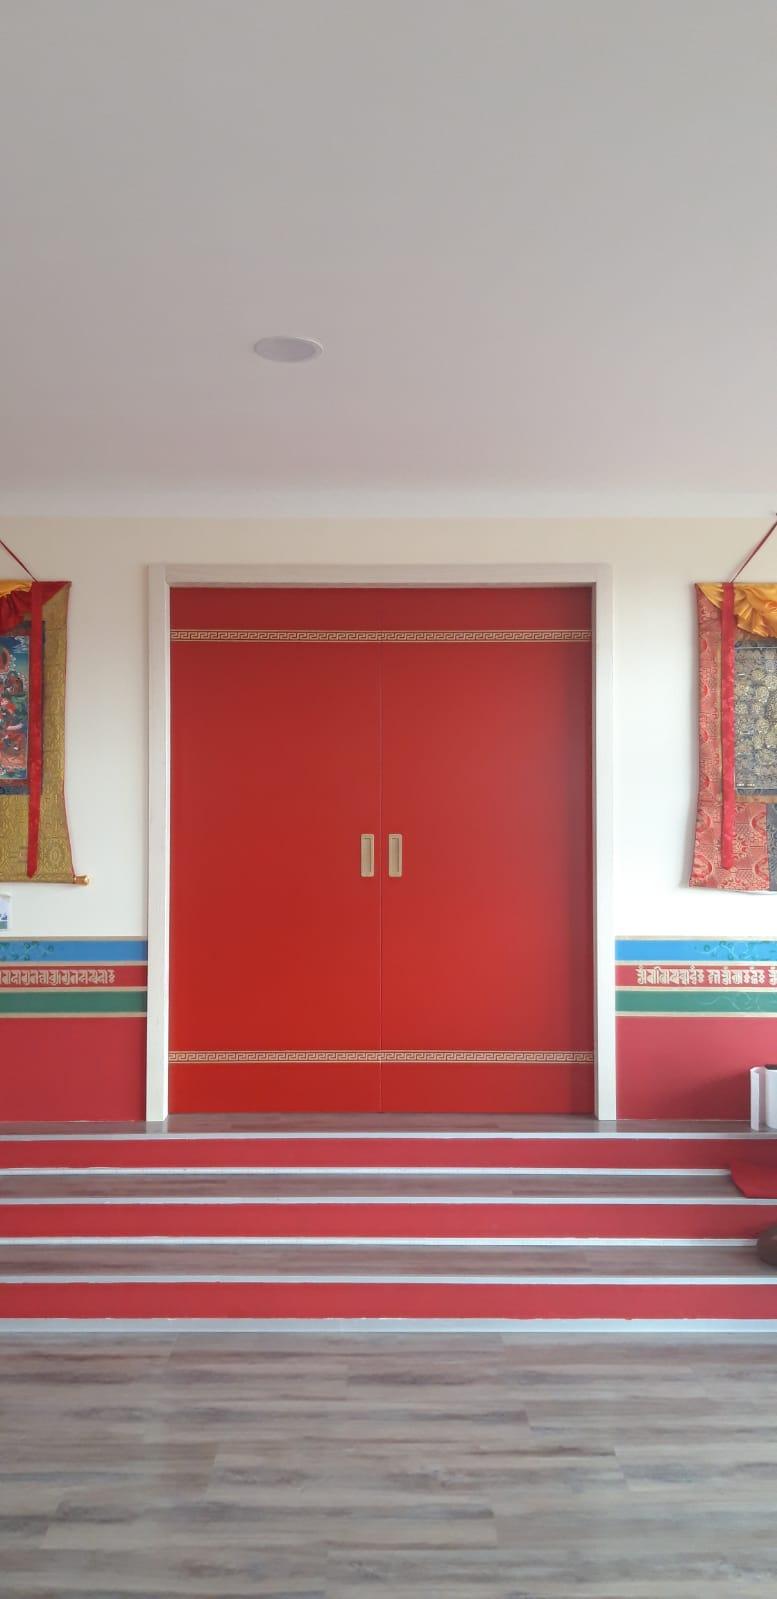 Dveře v gopmě s tradičními thangkami po stranách